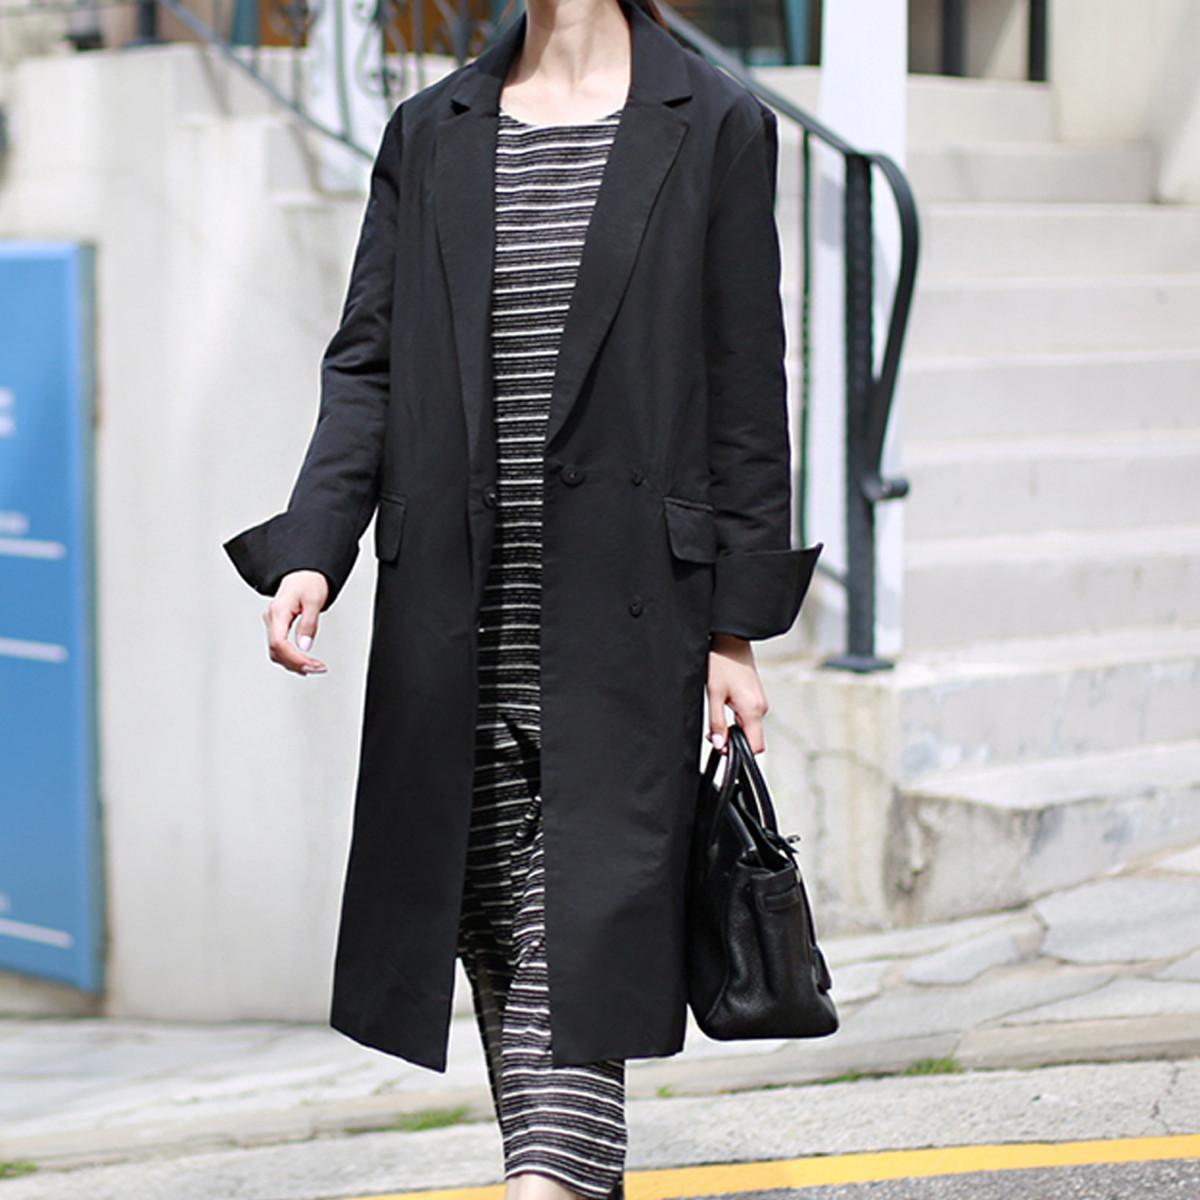 greygrei【greygrei】2020春秋季新款韩版中长款女式大衣474greygreiblc1